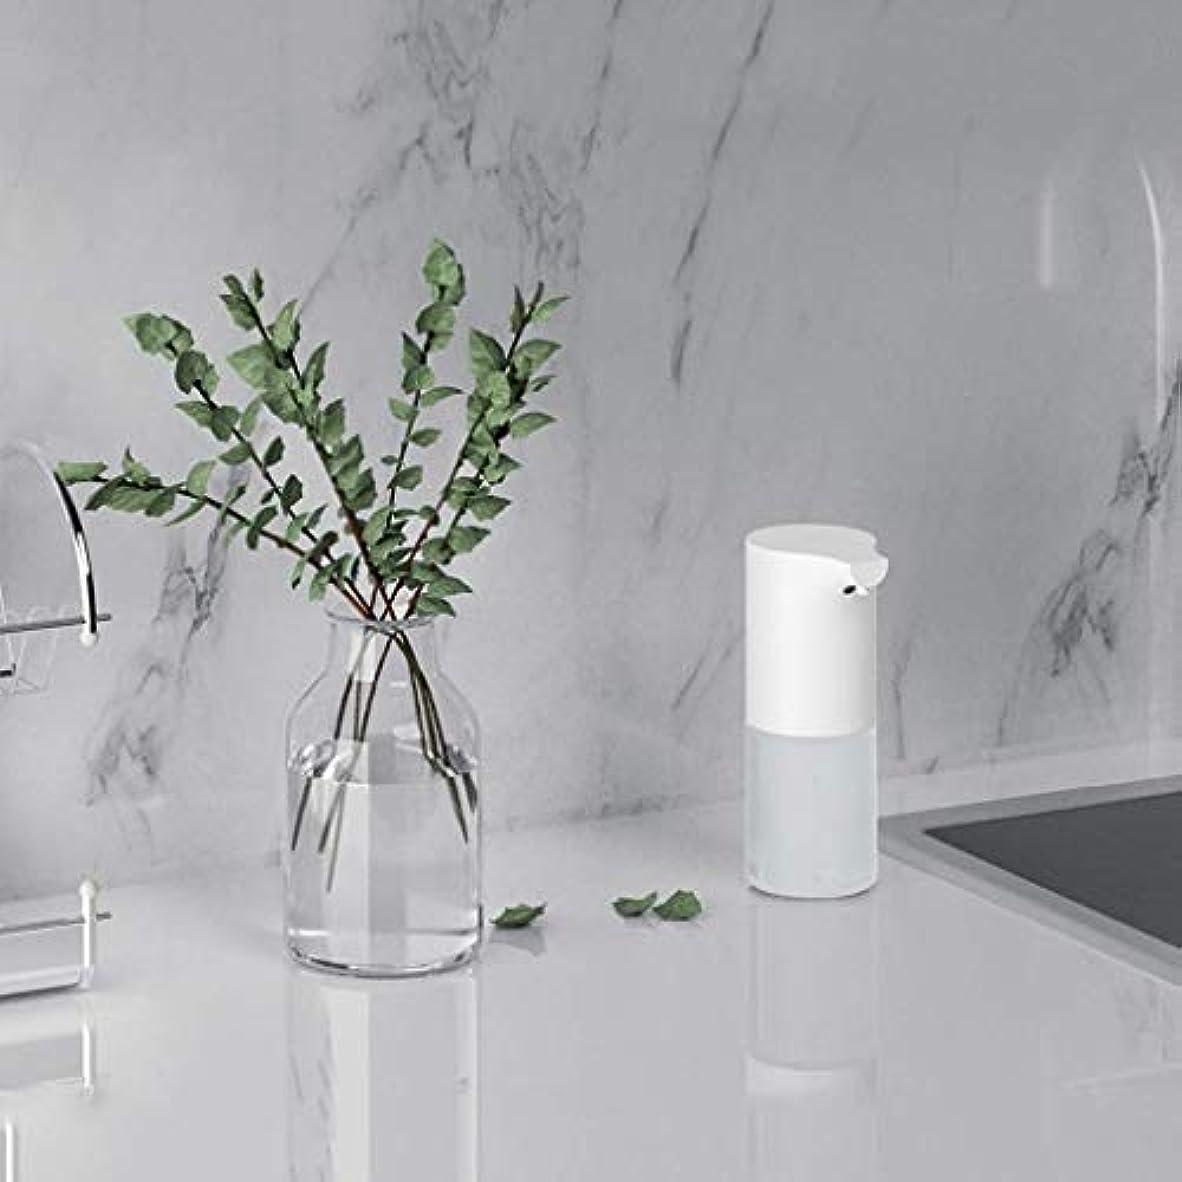 ビジネス前件交流する赤外線センサー泡手消毒剤320ミリリットル環境保護素材石鹸ボトルキッチンバスルームローション(色:白、サイズ:19 * 9.8 * 7.3 cm) (Color : White, Size : 19*9.8*7.3cm)